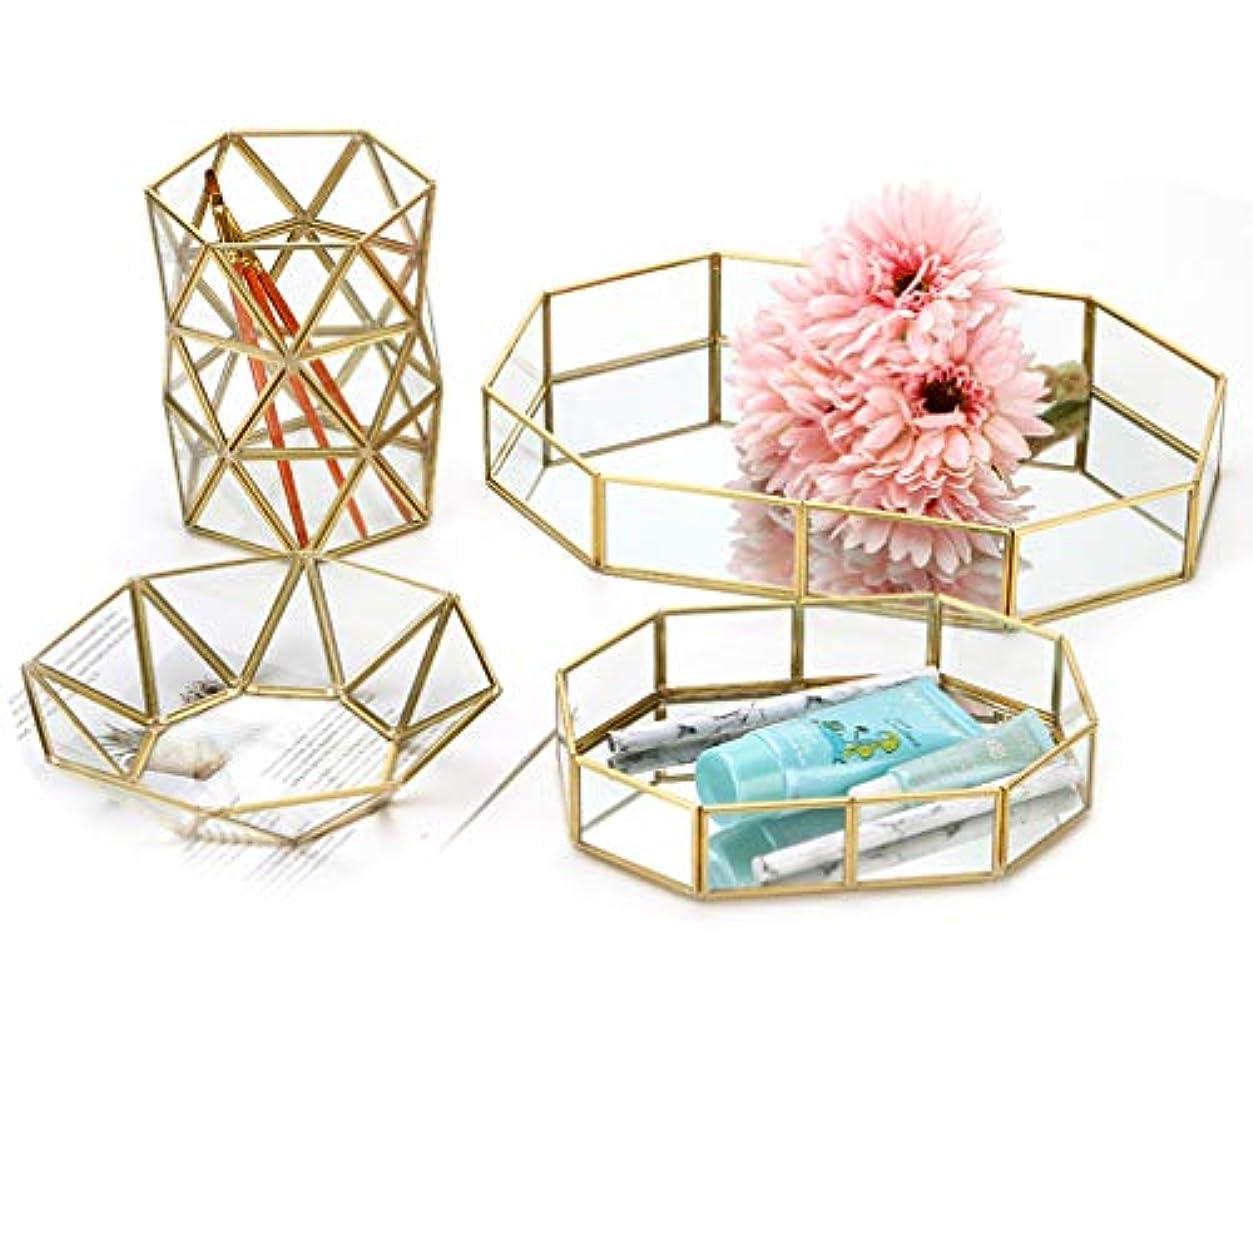 キッチンイチゴ商業のアクセサリートレイ ジュエリー収納ケース ガラス メイクボックス クリア素材 高級感 宝石 多角形 イヤリング/ピアス 小物収納 金属 コスメ 装飾 卓上小物入れ 仕切り 卓上収納 ディスプレイ ゴールド